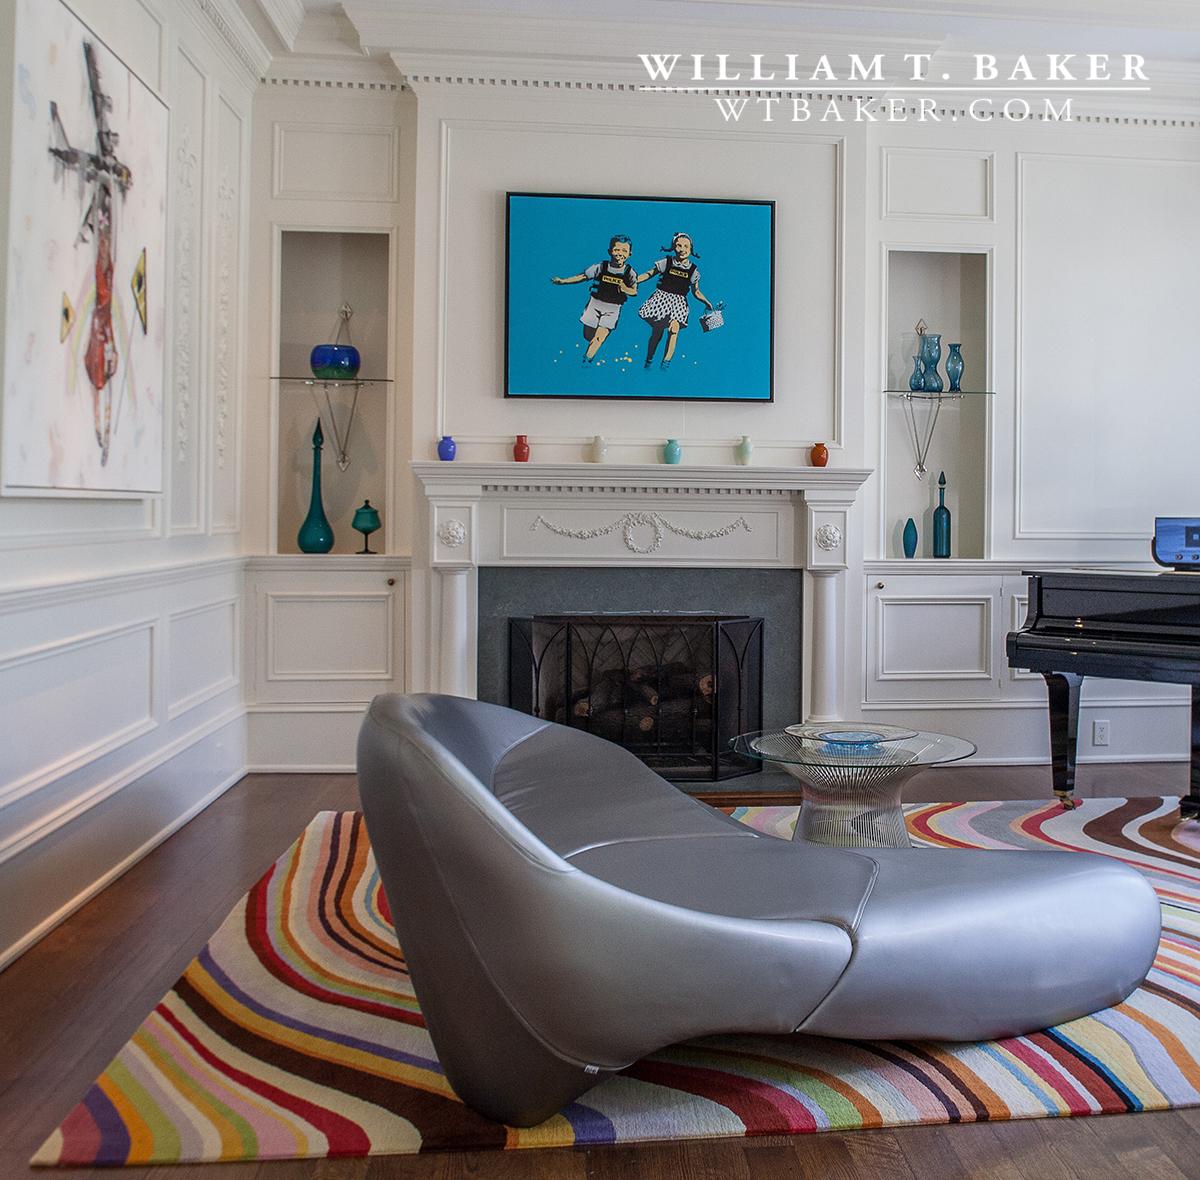 William T. Baker